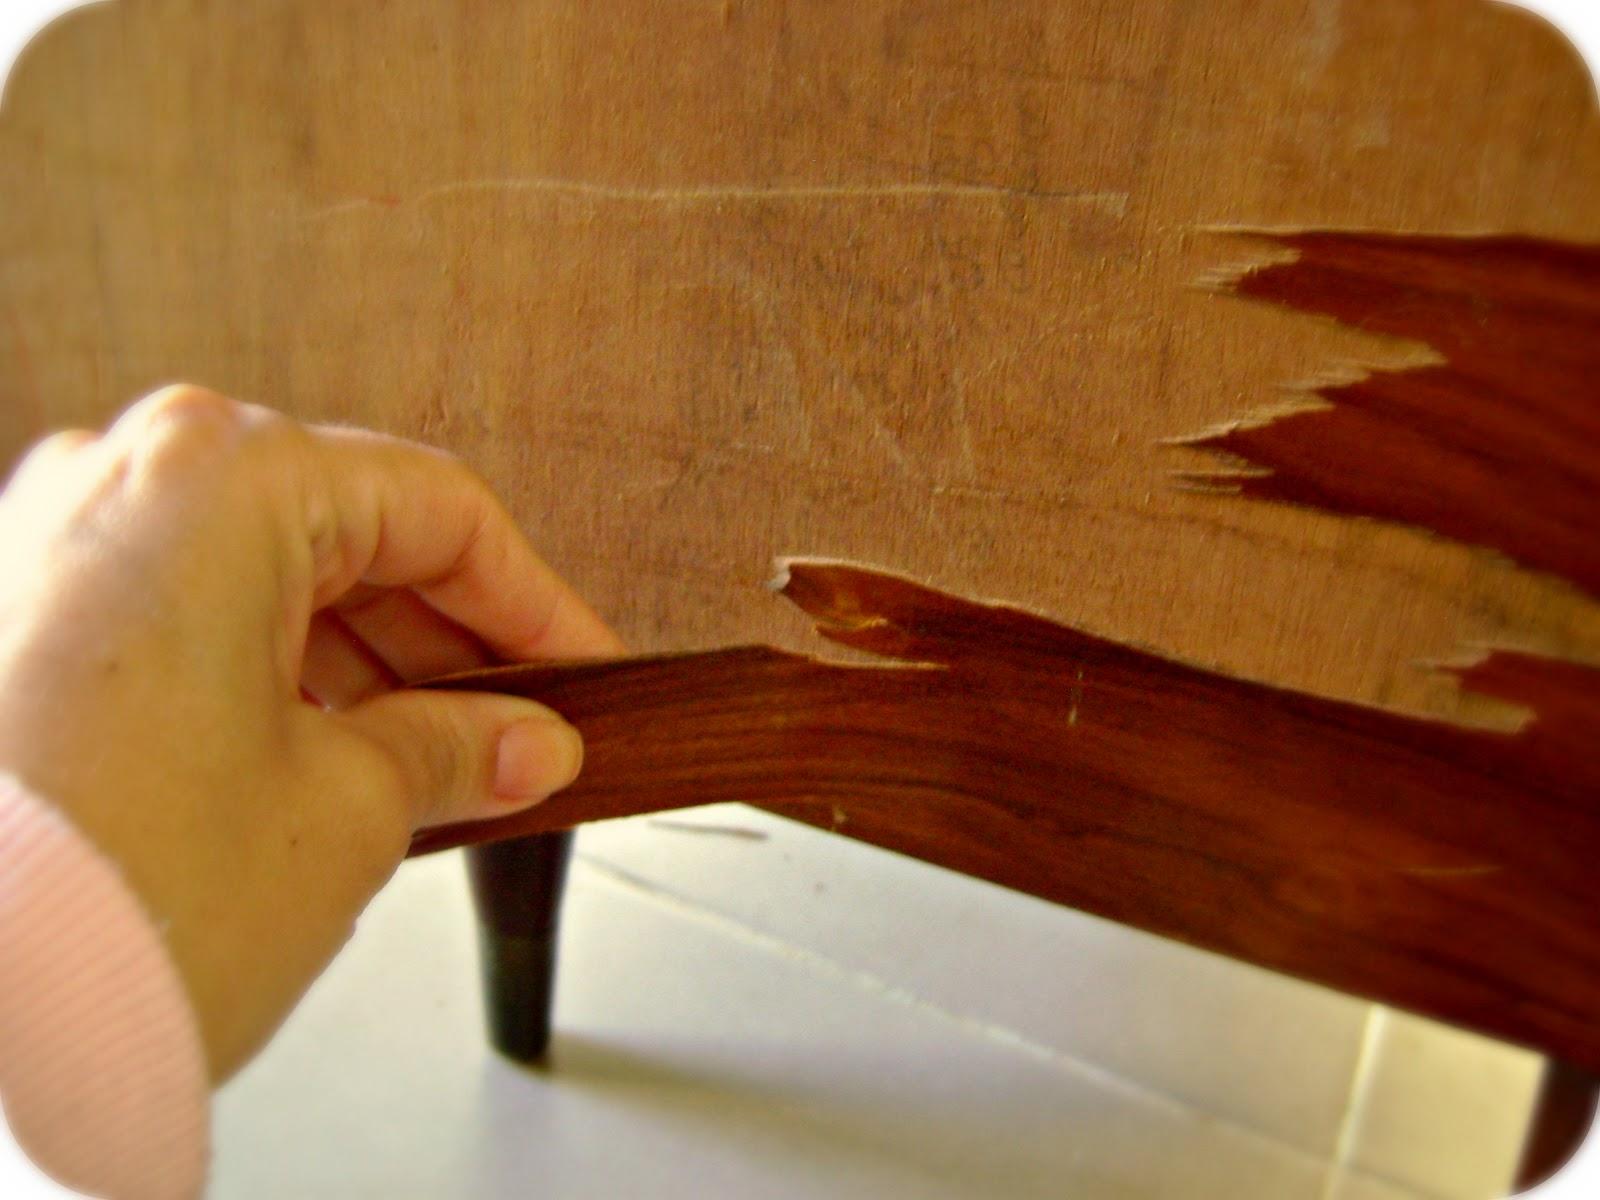 de madeira colada que estava quase toda solta então acabei de #460A00 1600x1200